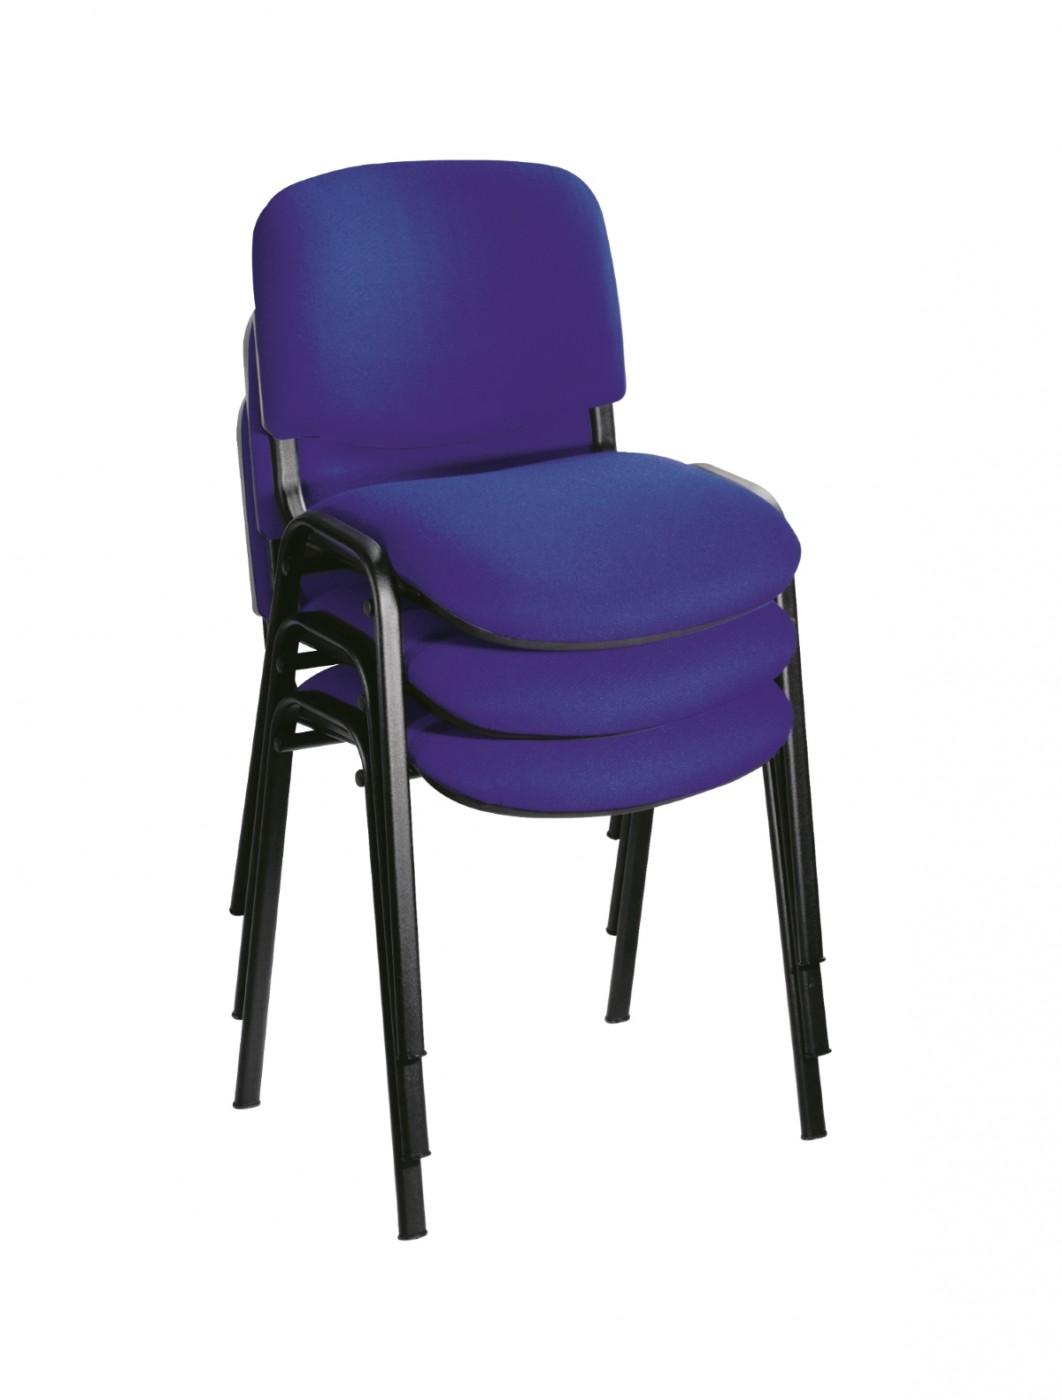 Reception Seating - TC Club Reception Chair CH0500 | 121 ...